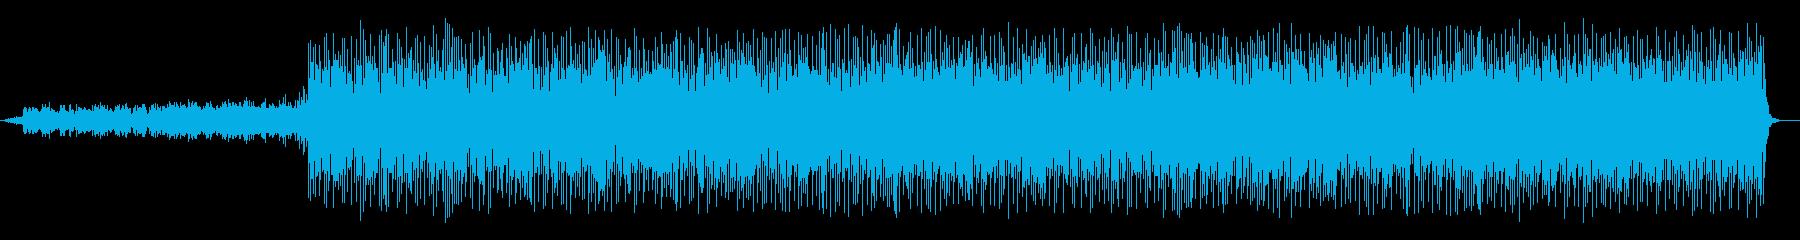 緩やかでメロディアスなピアノサウンドの再生済みの波形